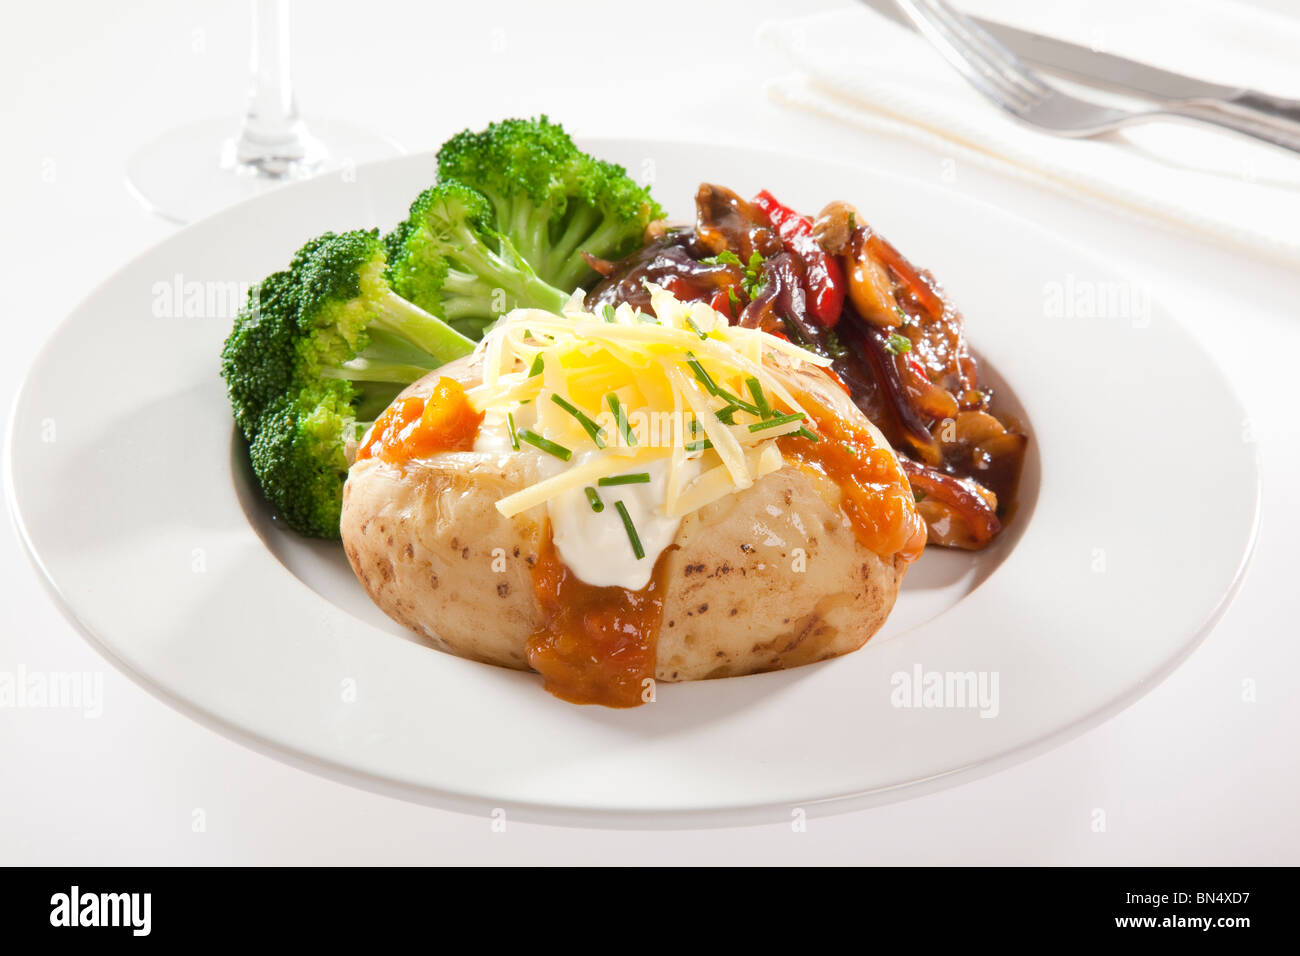 Pomme de terre au four avec le steak et brocoli Photo Stock